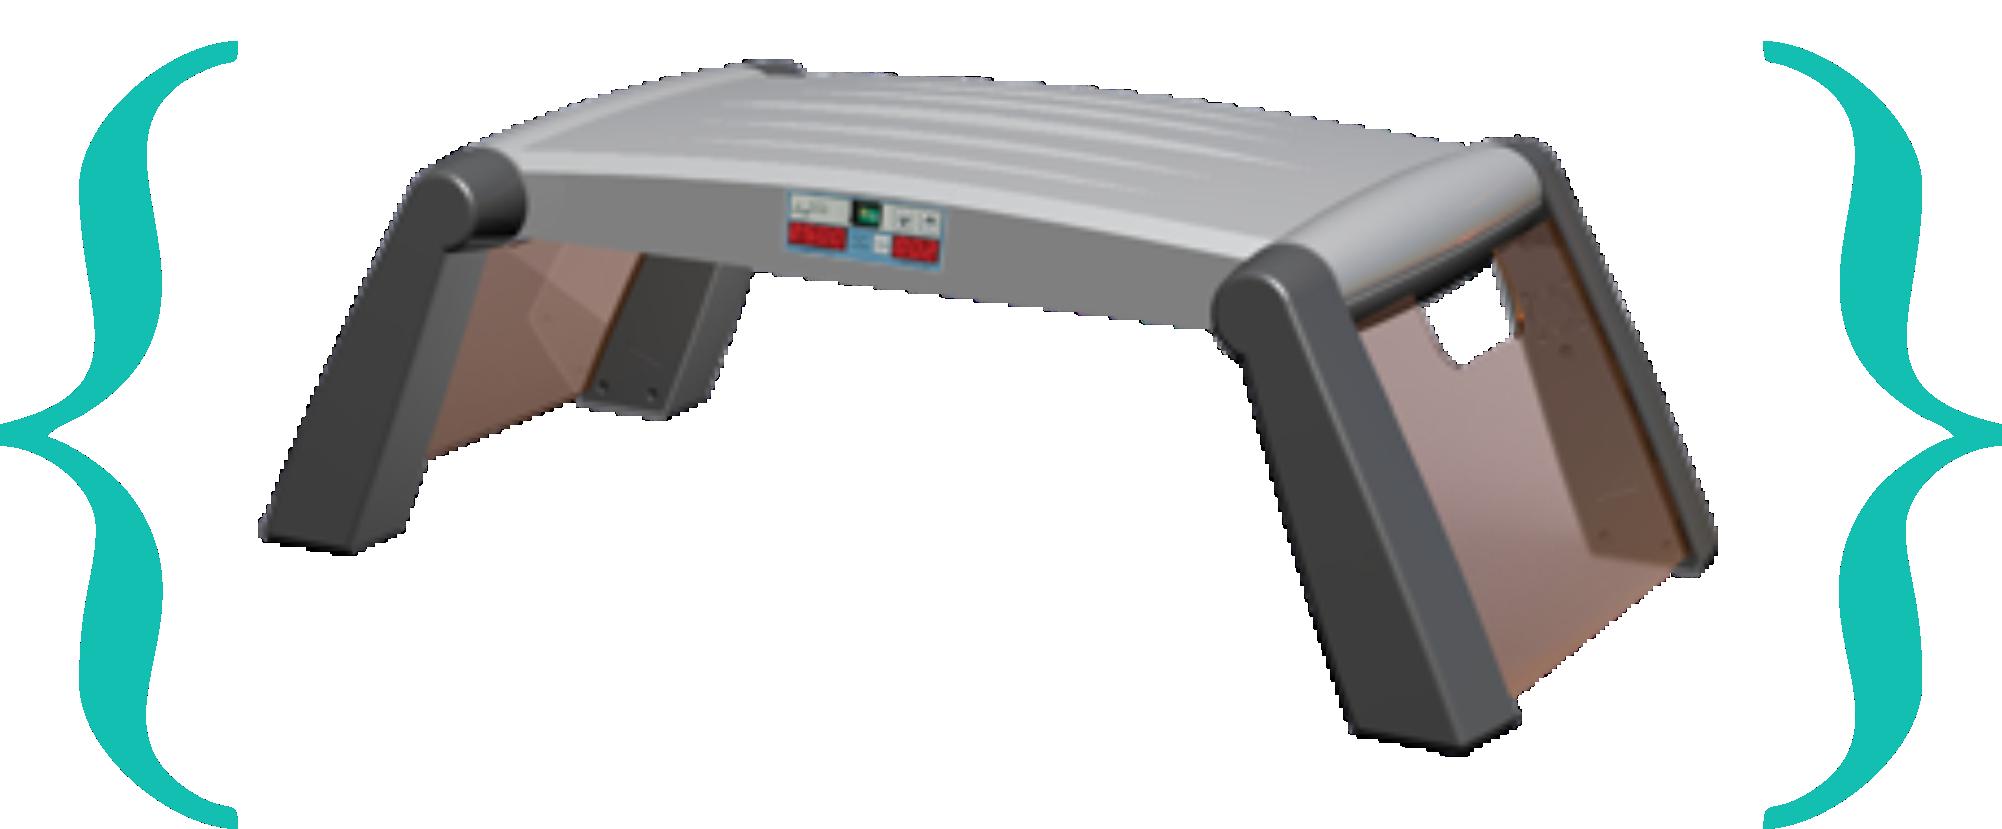 دستگاه LED فلورسنت فتوتراپی